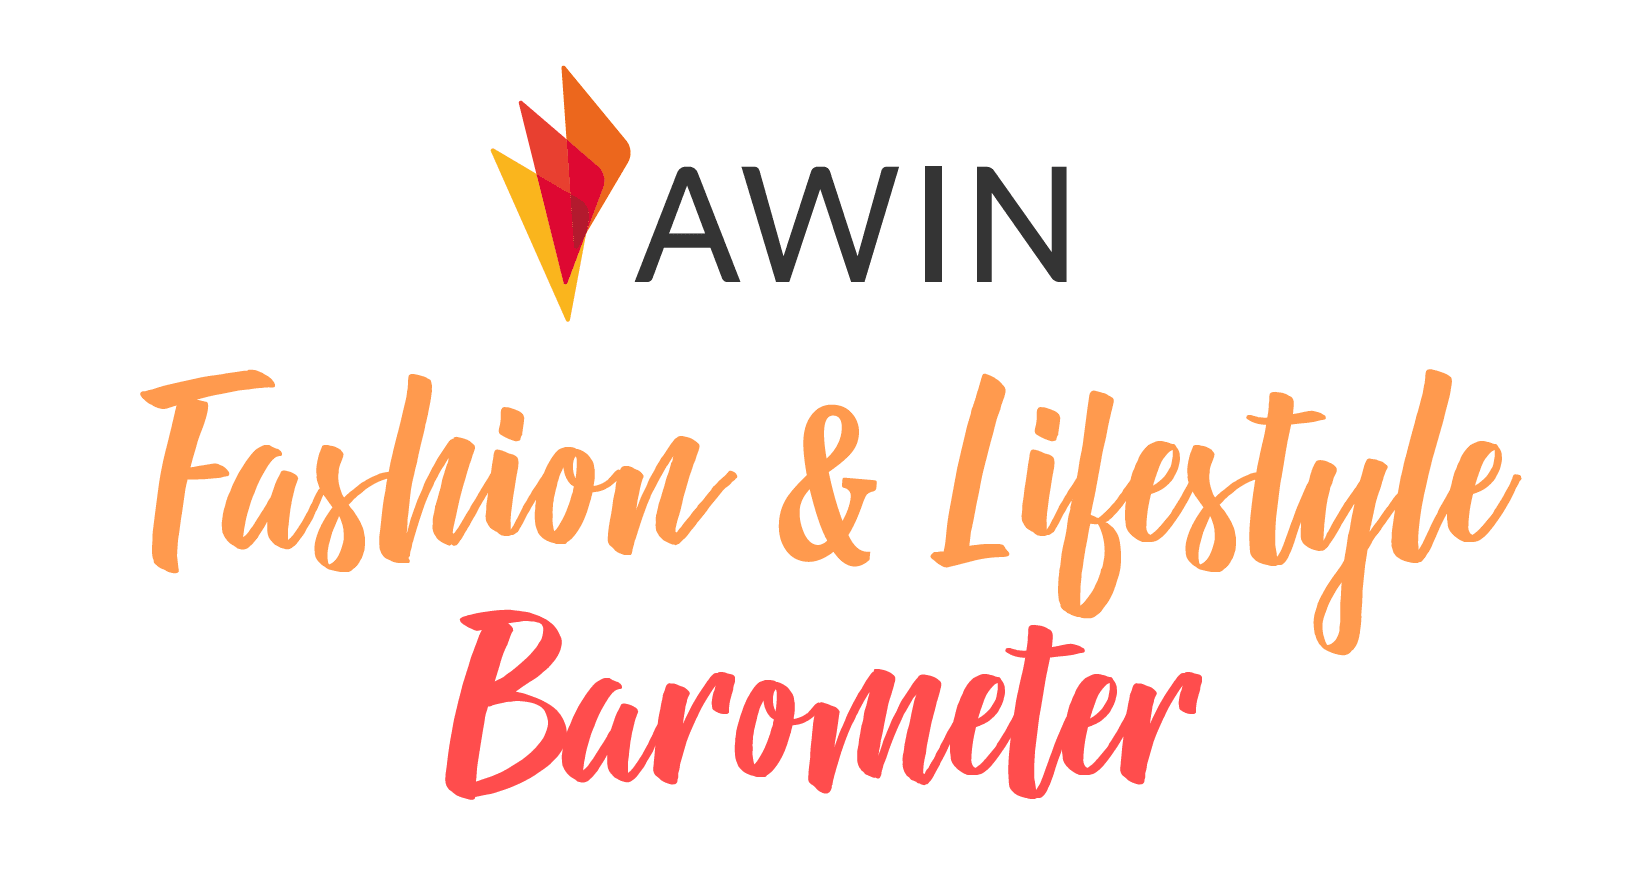 Fashion & Lifestyle Barometer 2018